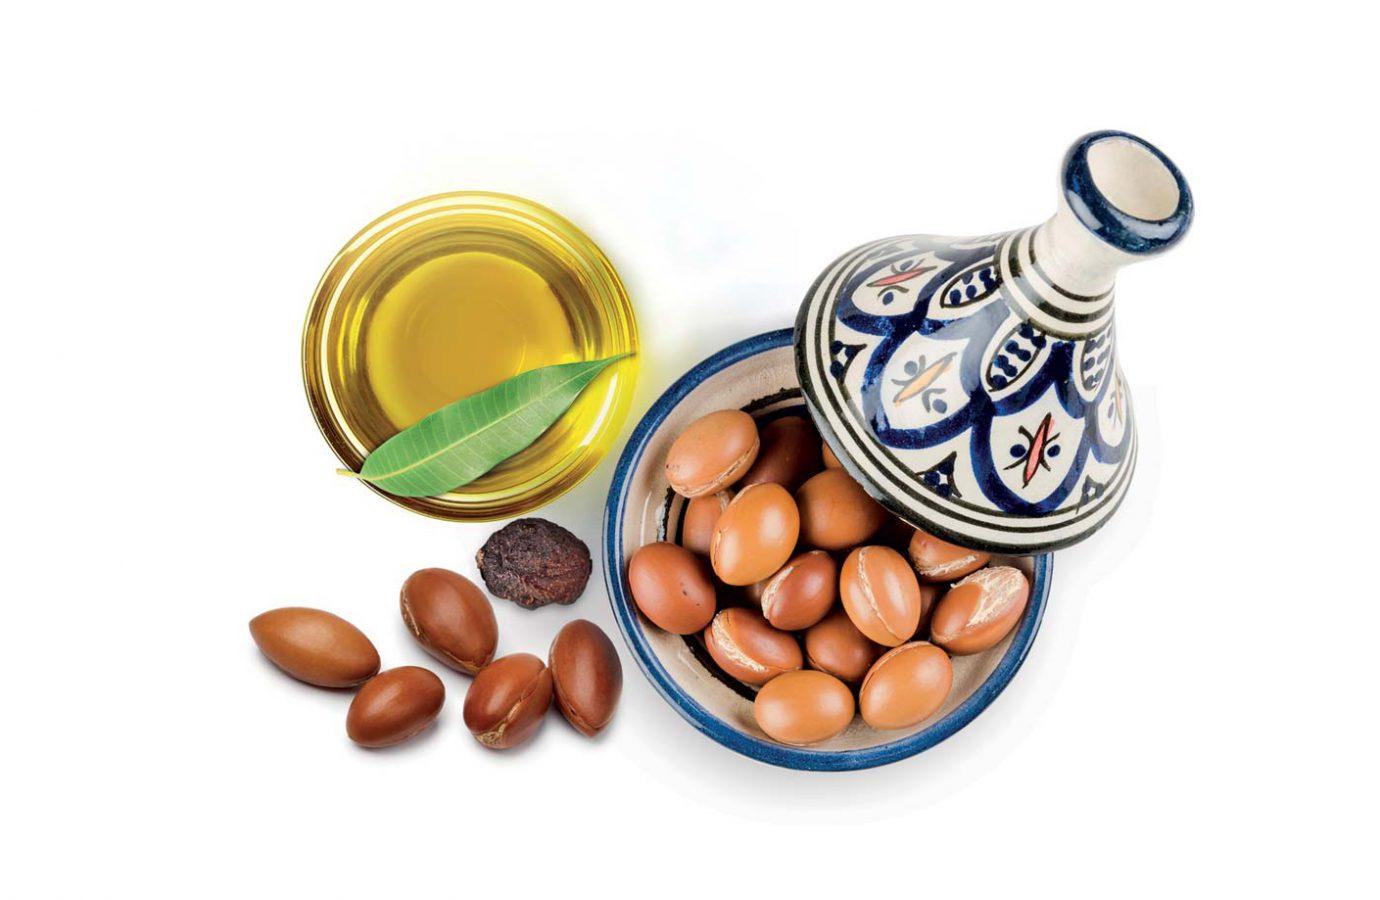 Semi e olio di argan con tajine bianca e blu usati nel packaging design di prodotti cosmetici naturali realizzato da WillBe